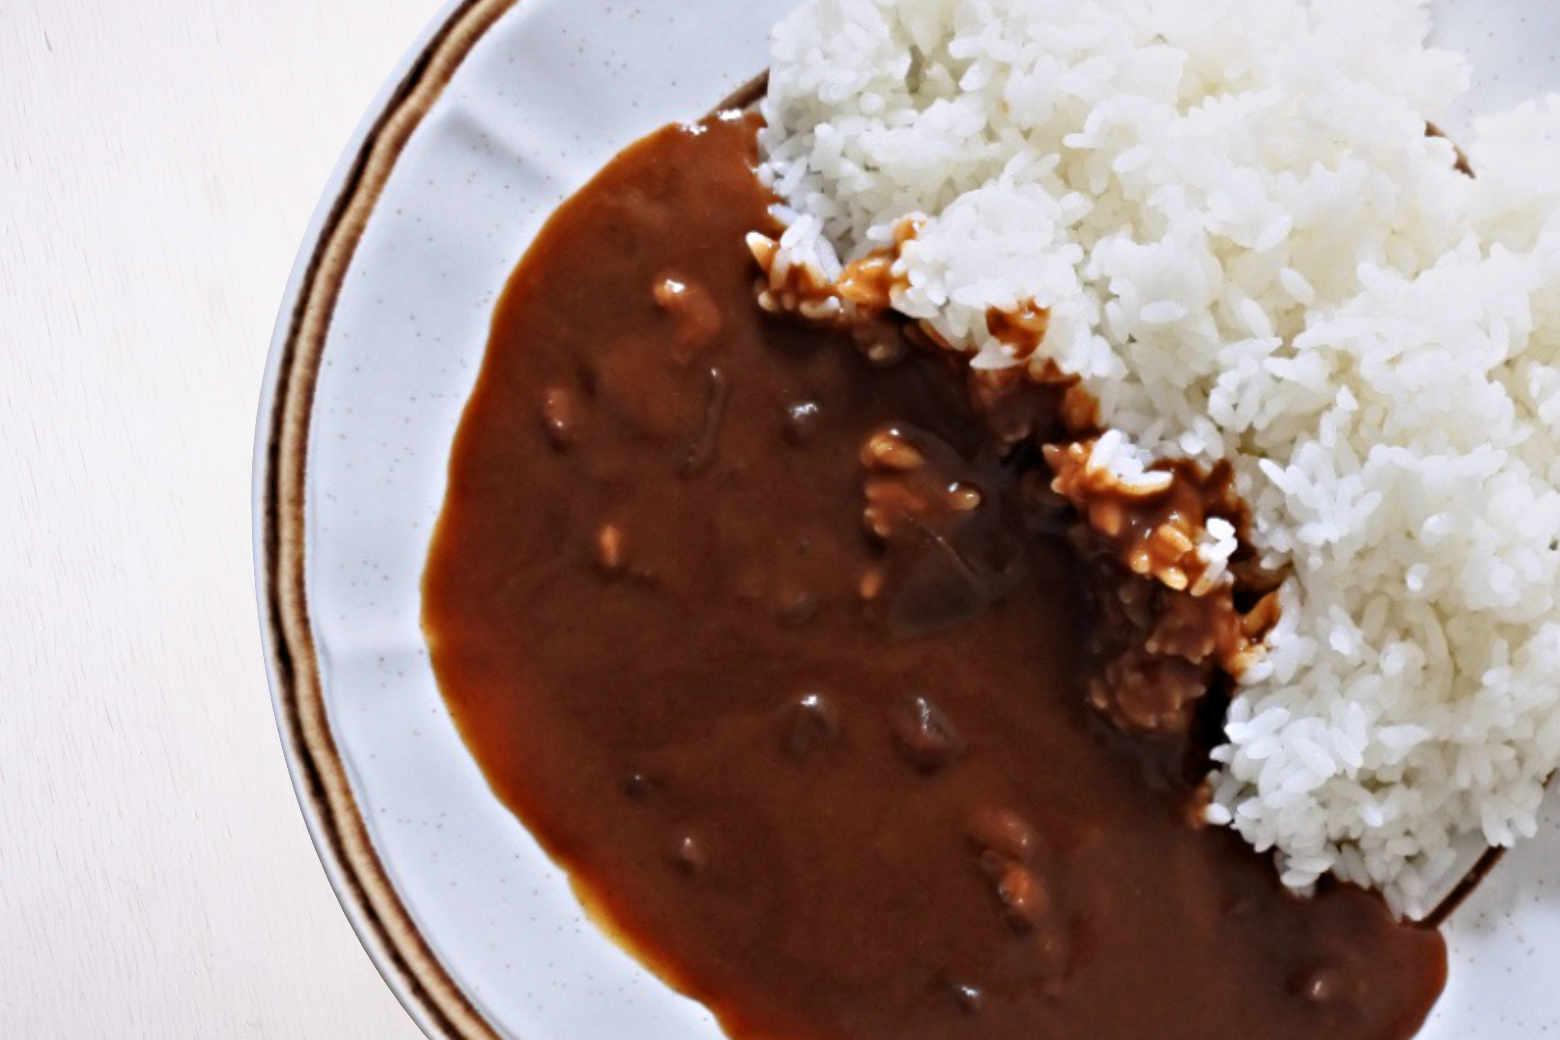 『ハウス ザ・ホテル・カレー コクの中辛』は甘さと辛さが交差する大人の贅沢カレー【食品】